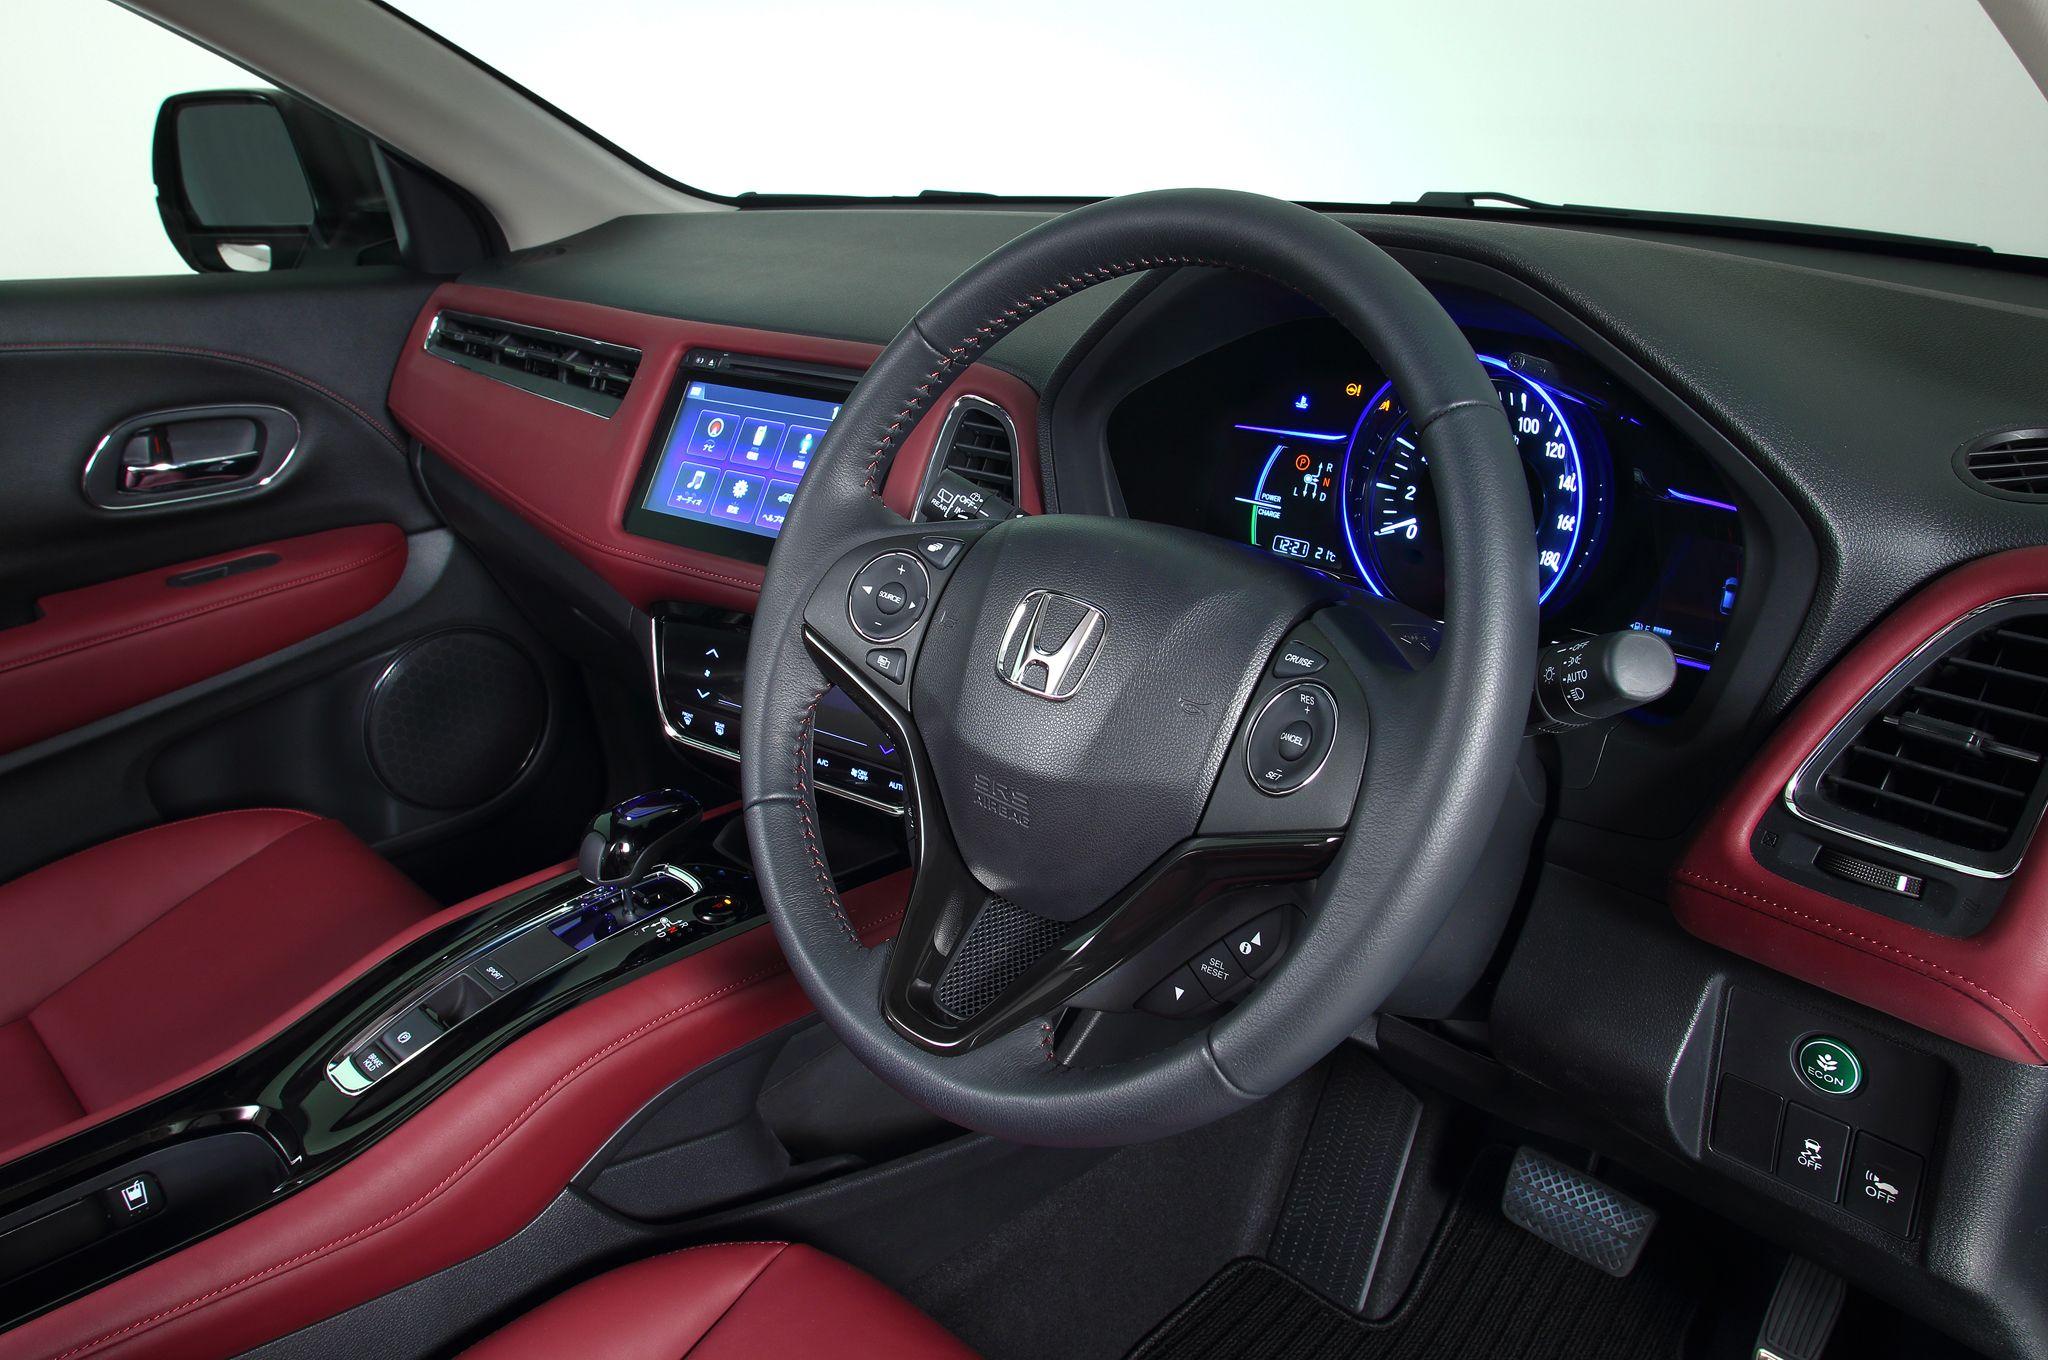 vezel car interior - google search | car styles | pinterest | car